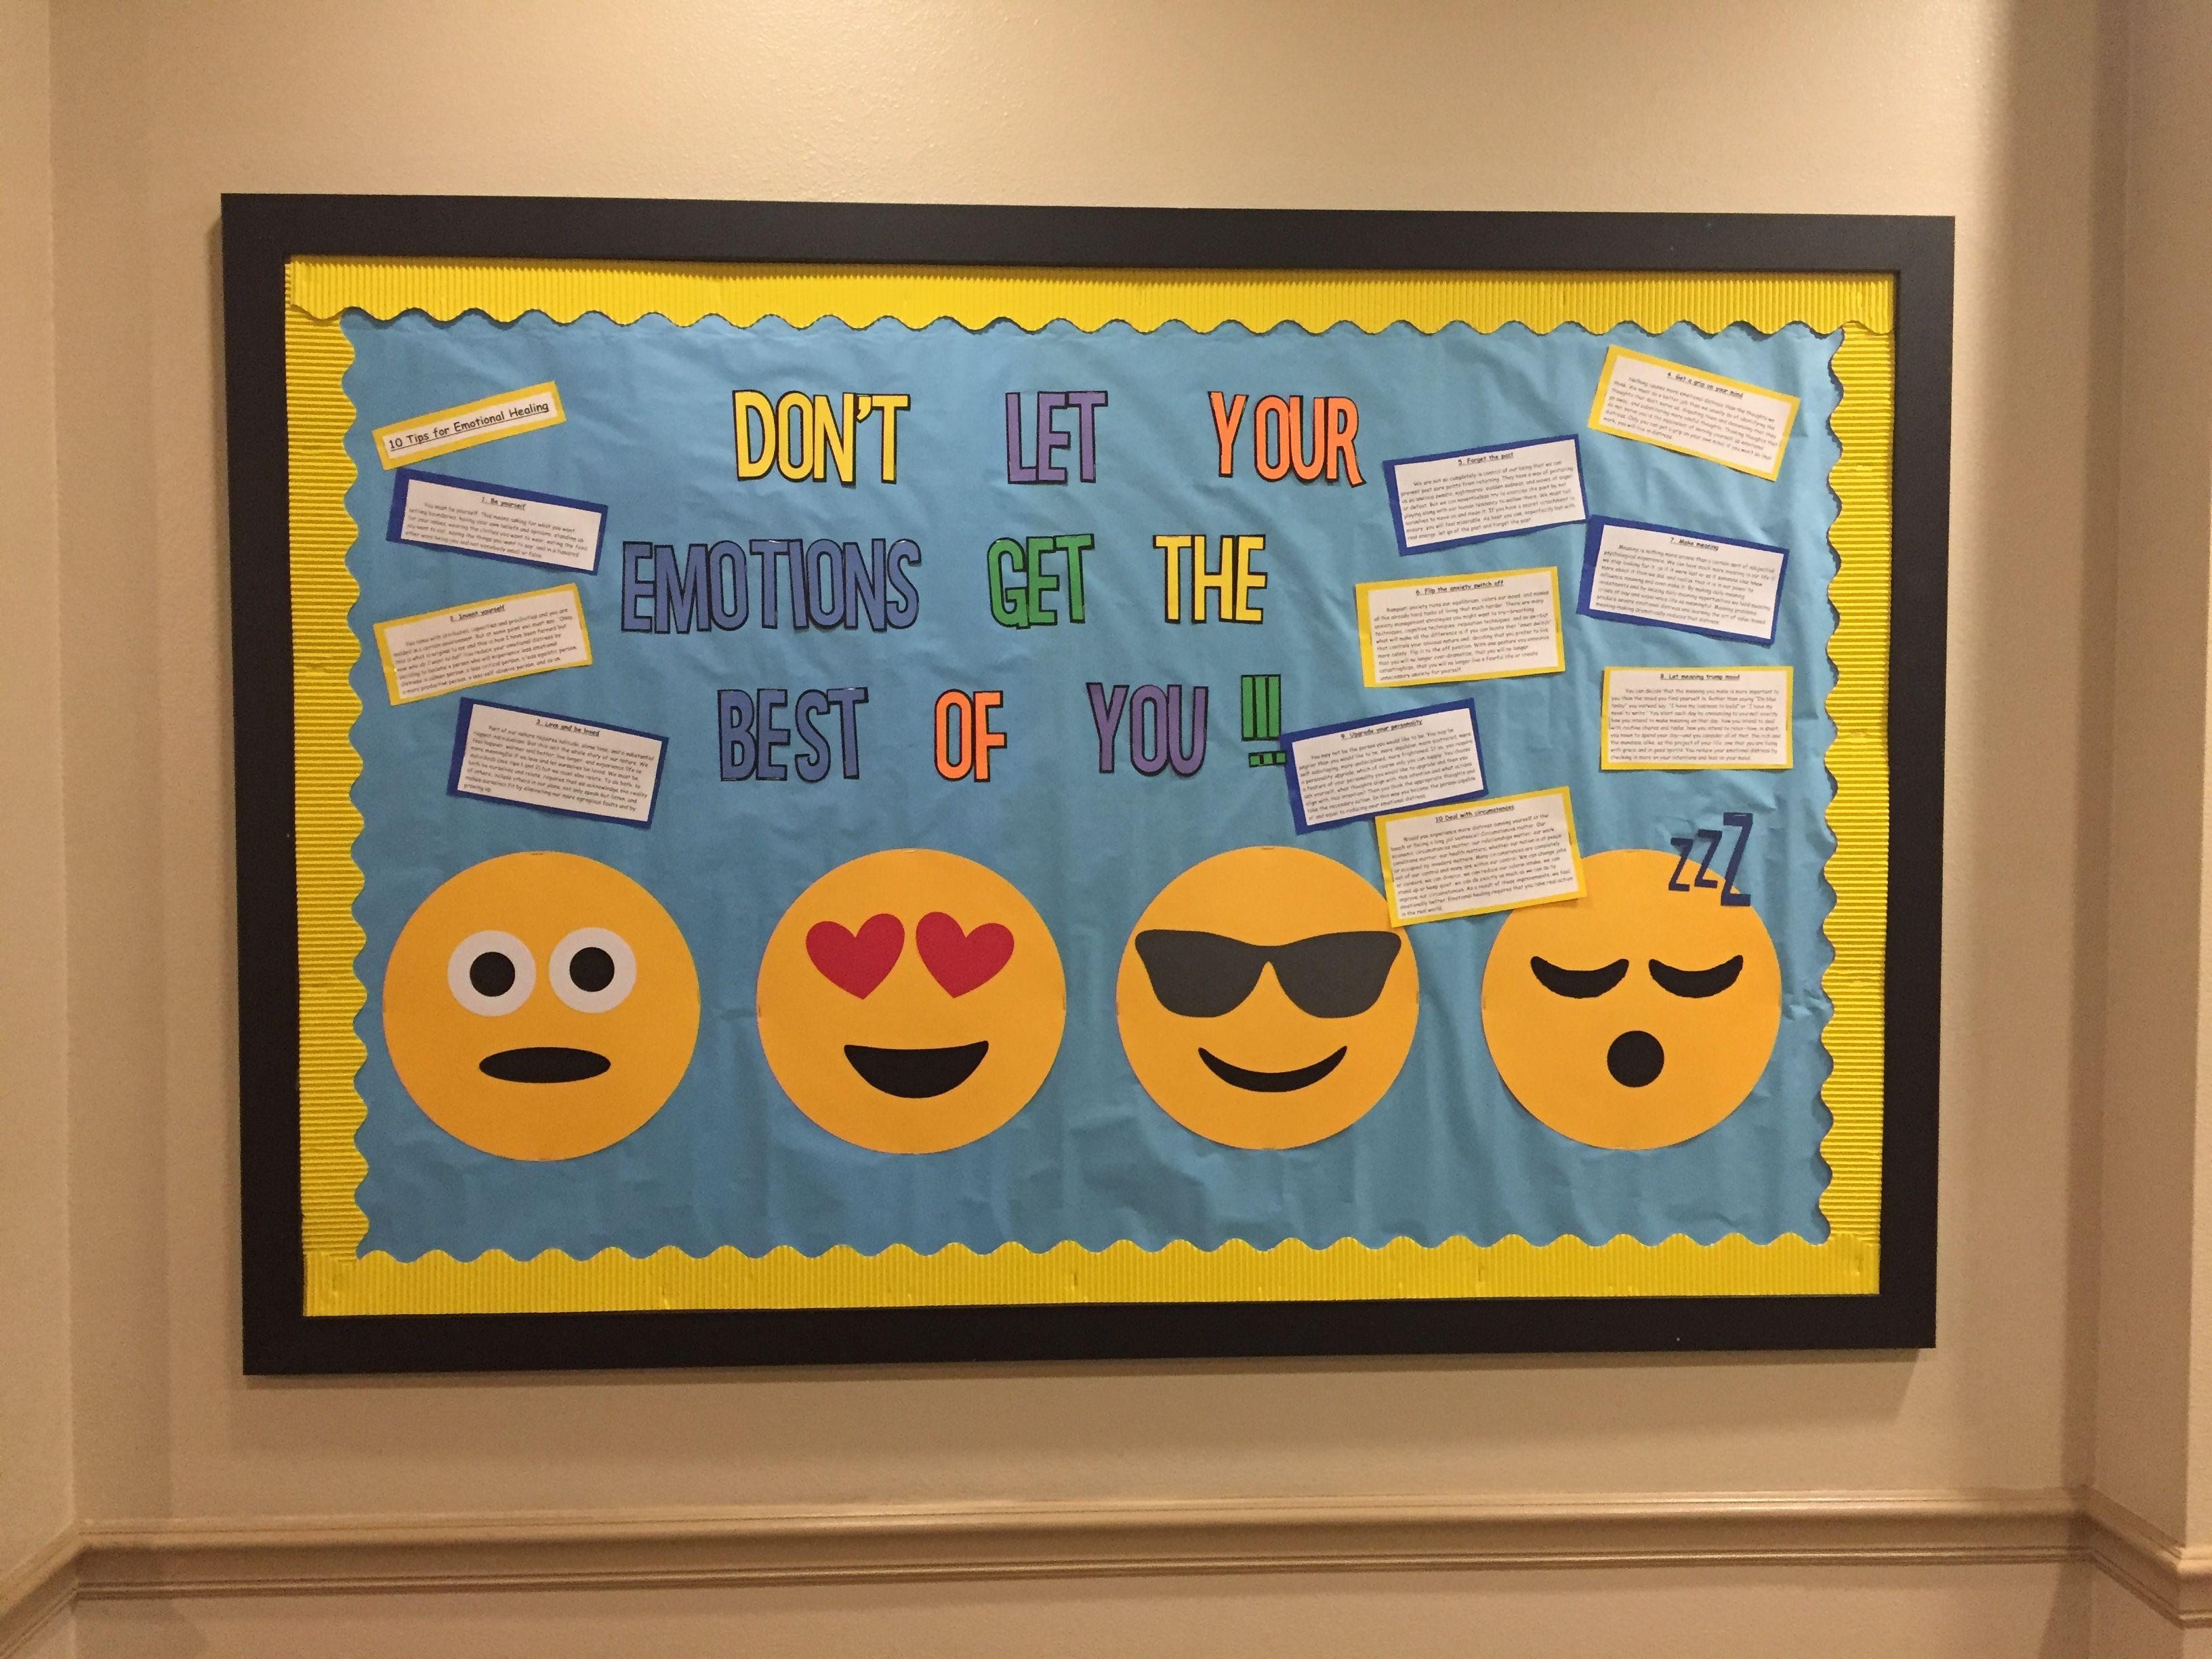 Ra college bulletin board emojis ra boards door dec for Design ideas facebook